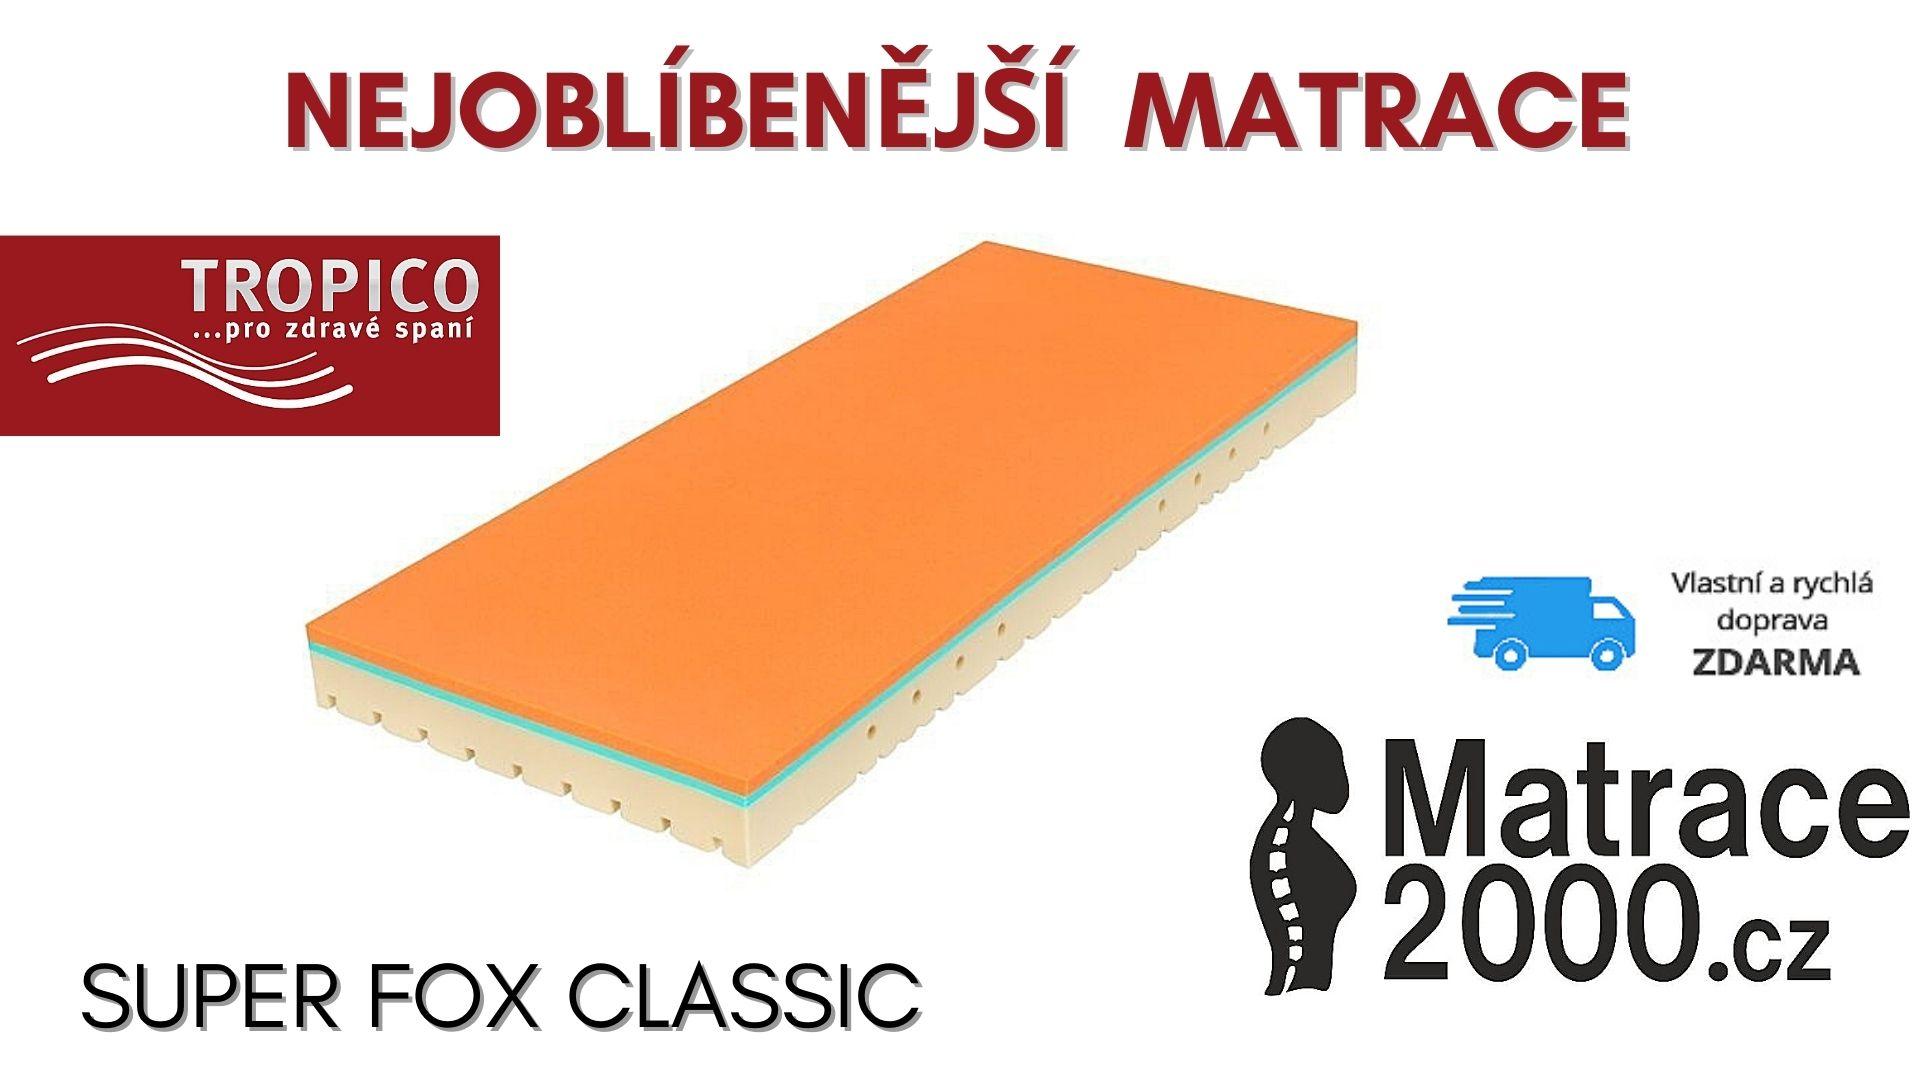 Nejoblíbenější matrace - Matrace Super Fox Classic s matracovým chráničem + prodloužená záruka + matracový chránič v hodnotě 555 Kč - Matrace2000.cz